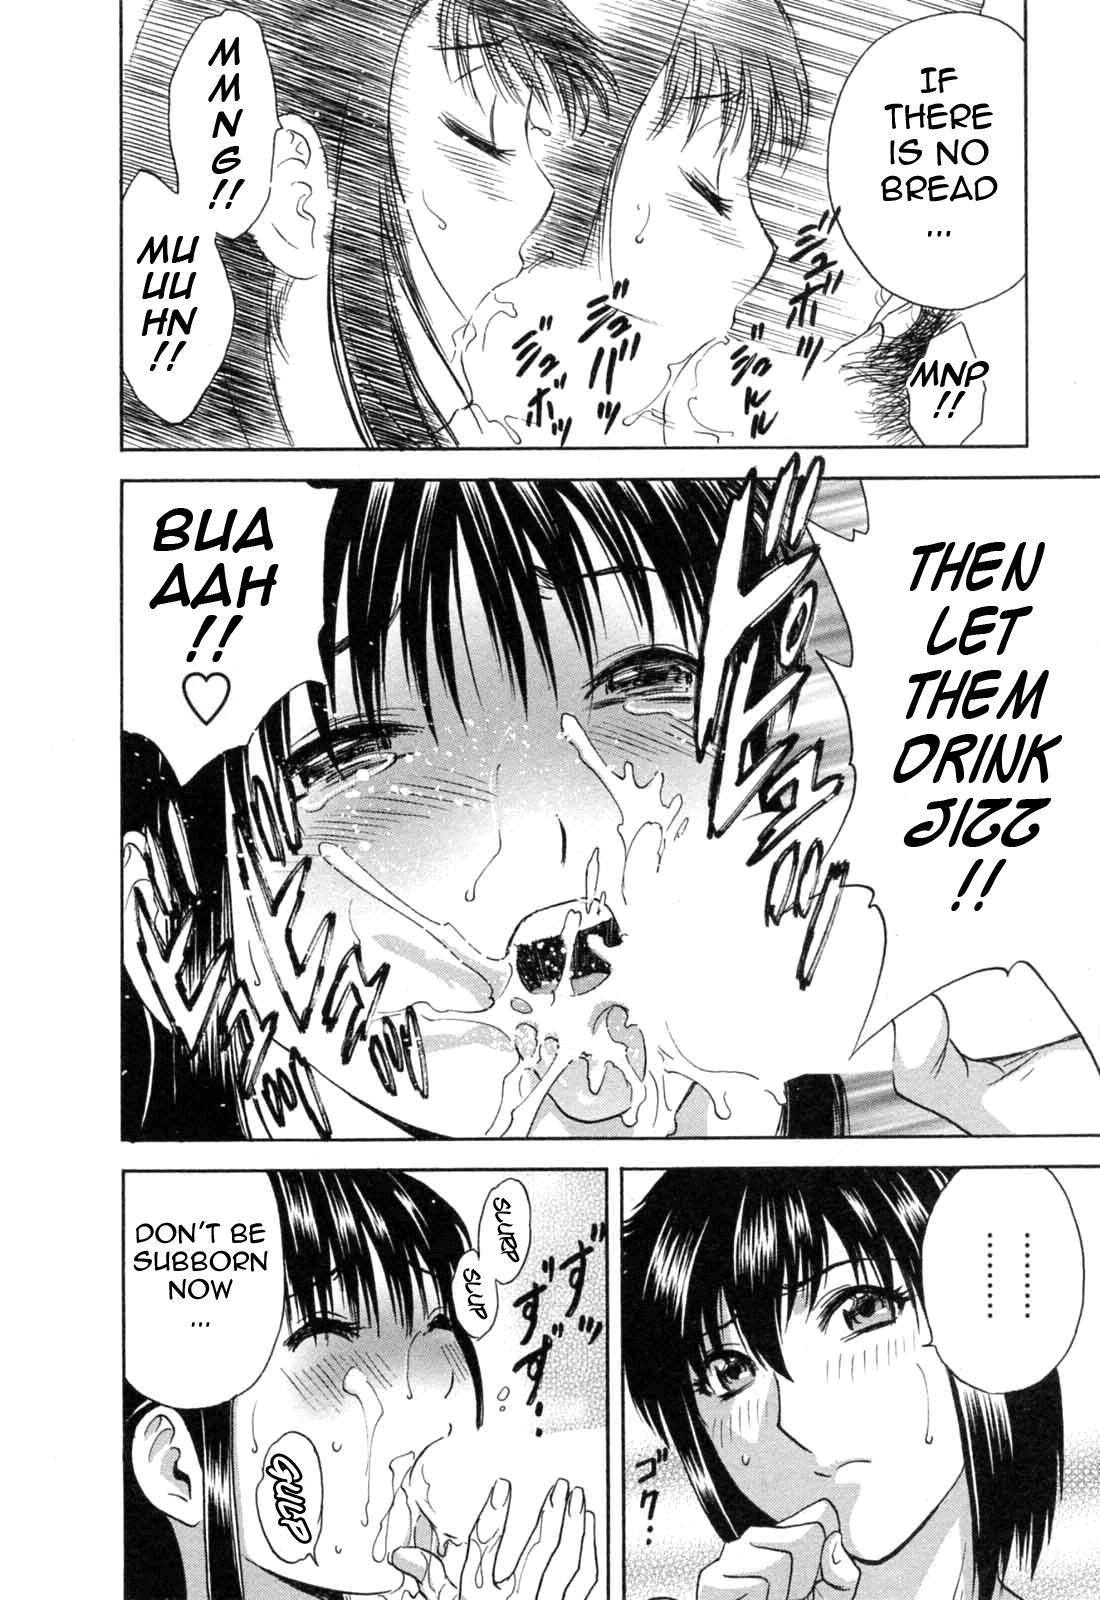 [Hidemaru] Mo-Retsu! Boin Sensei (Boing Boing Teacher) Vol.5 [English] [4dawgz] [Tadanohito] 140